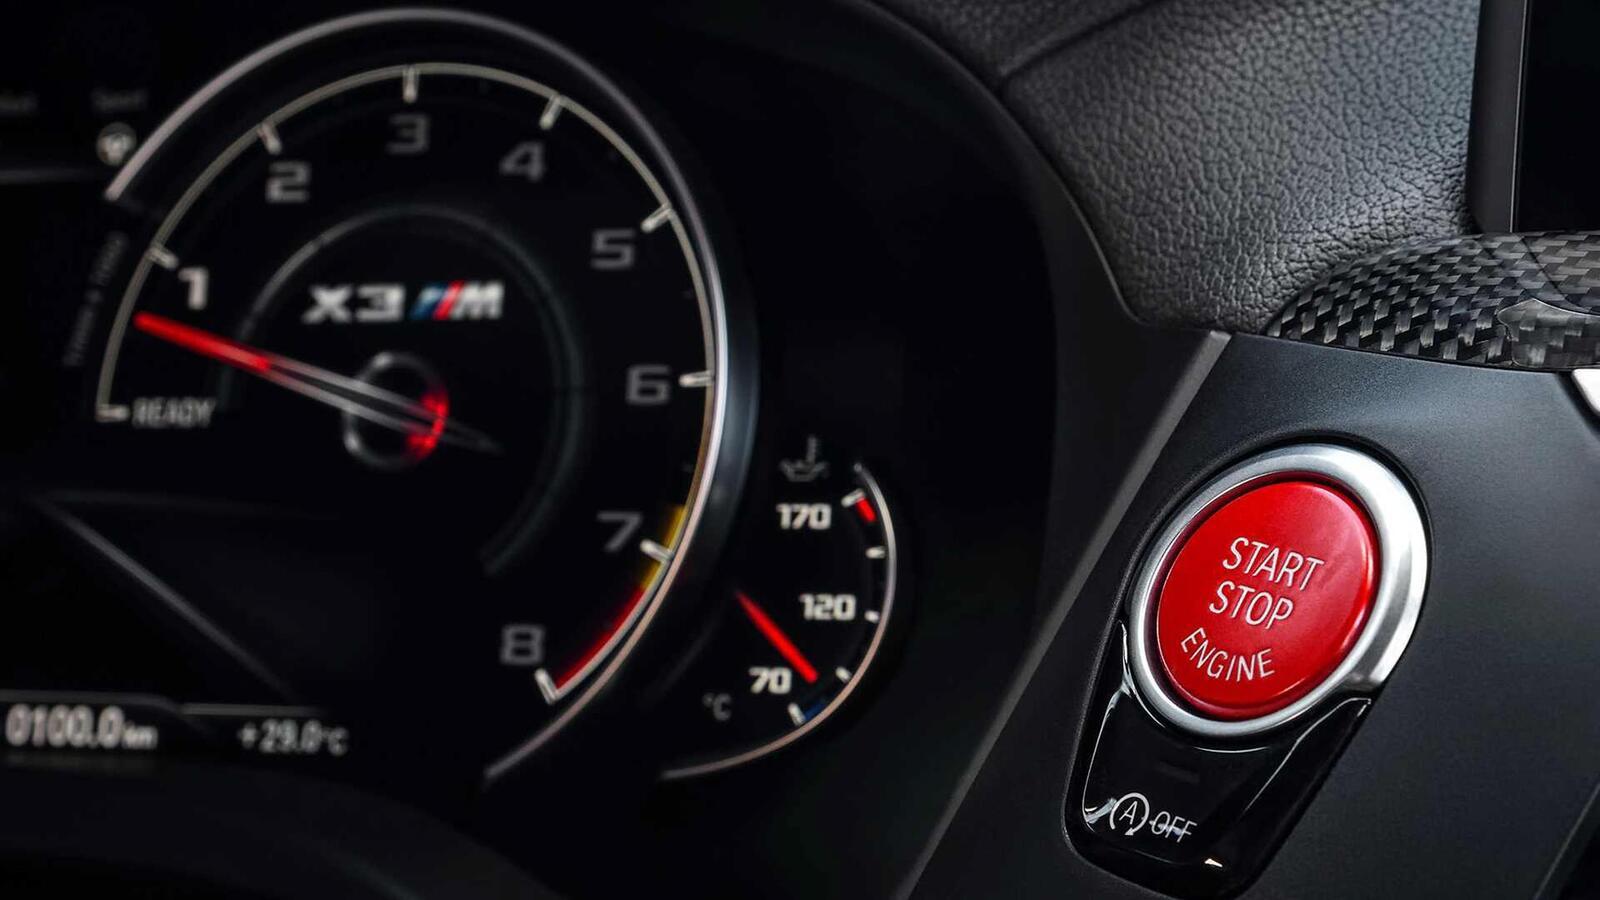 BMW X3 M và X4 M 2020 chính thức ra mắt: Mang trong mình sức mạnh từ 473 - 503 mã lực - Hình 25